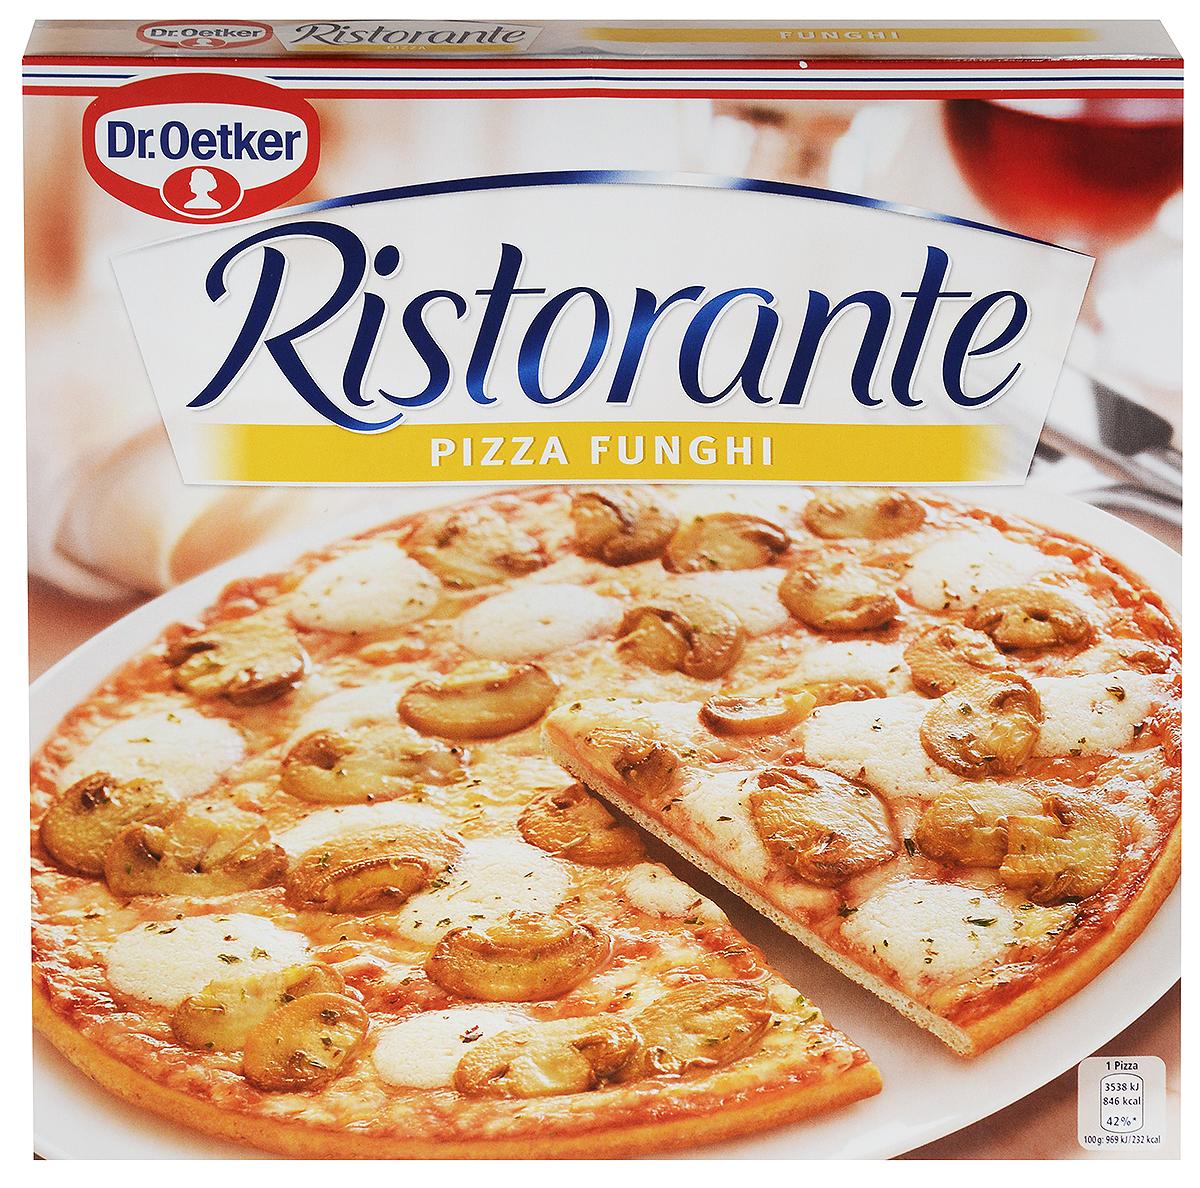 Dr.Oetker Пицца Ristorante Шампиньоны, 365 г22164Пицца Dr.Oetker Ristorante с шампиньонами, 365г.Обильно покрыта томатами, шампиньонами и сыром на хрустящем тонкомкорже. Способ приготовления: предварительно разогреть духовку, снять пленку,выпекать замороженную пиццу 12-14 минут.Хранить при Т -4C -